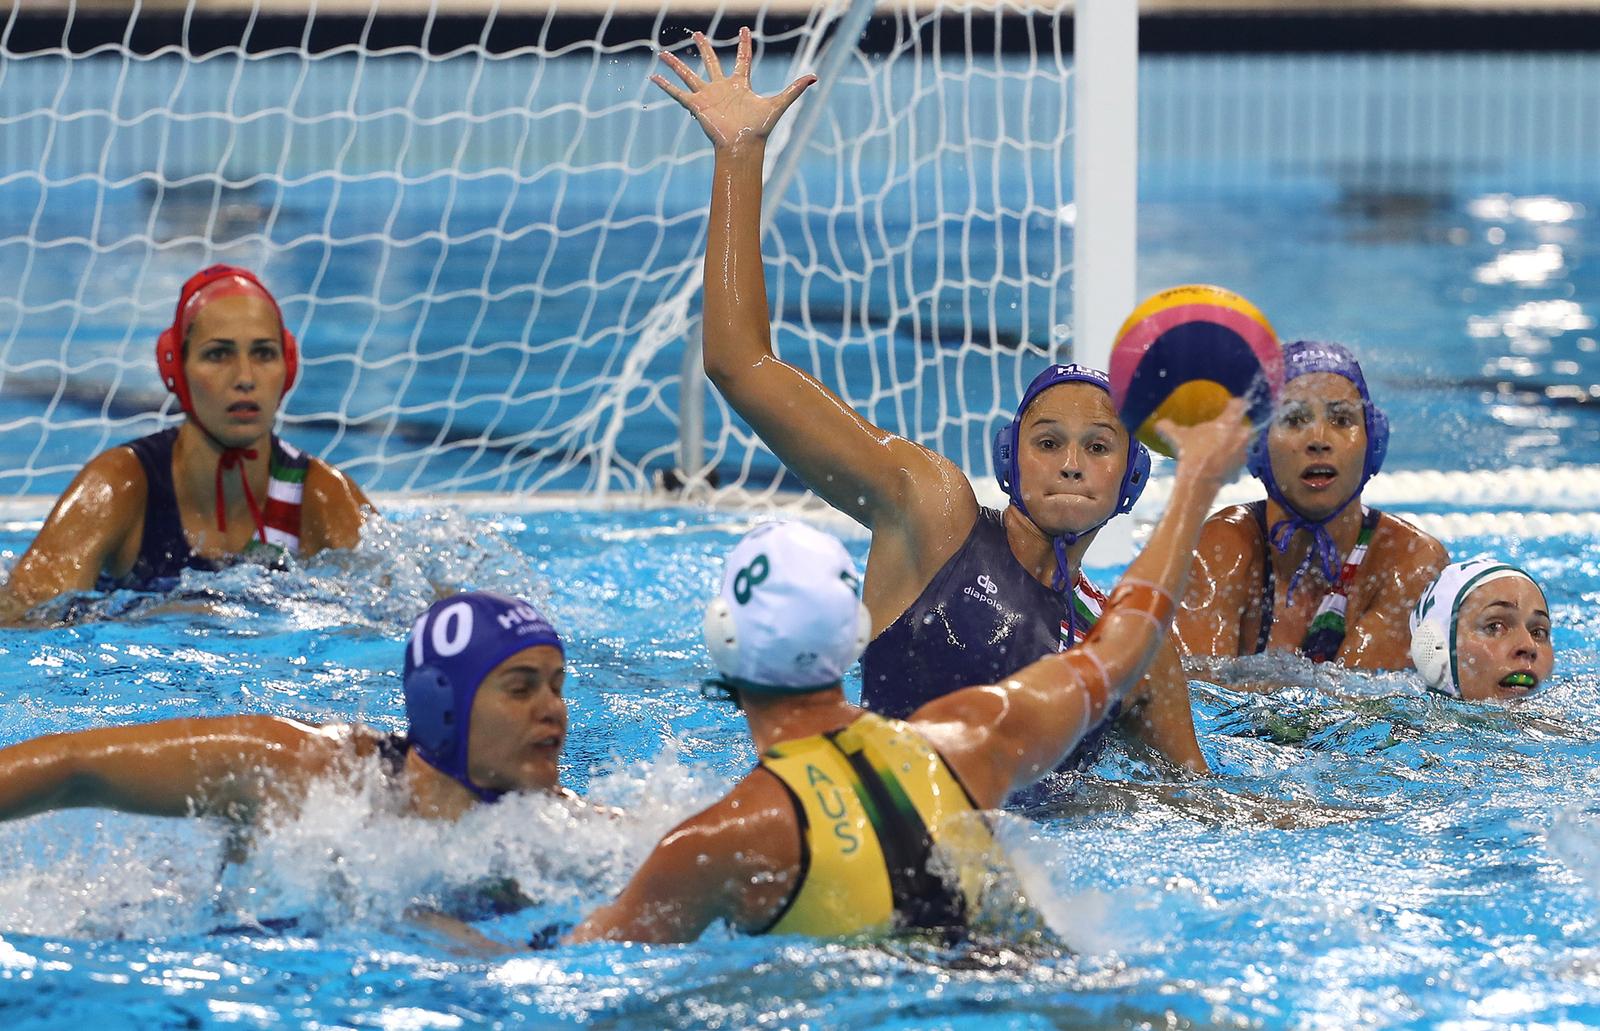 Женские сборные Австралии и Венгрии по водному поло